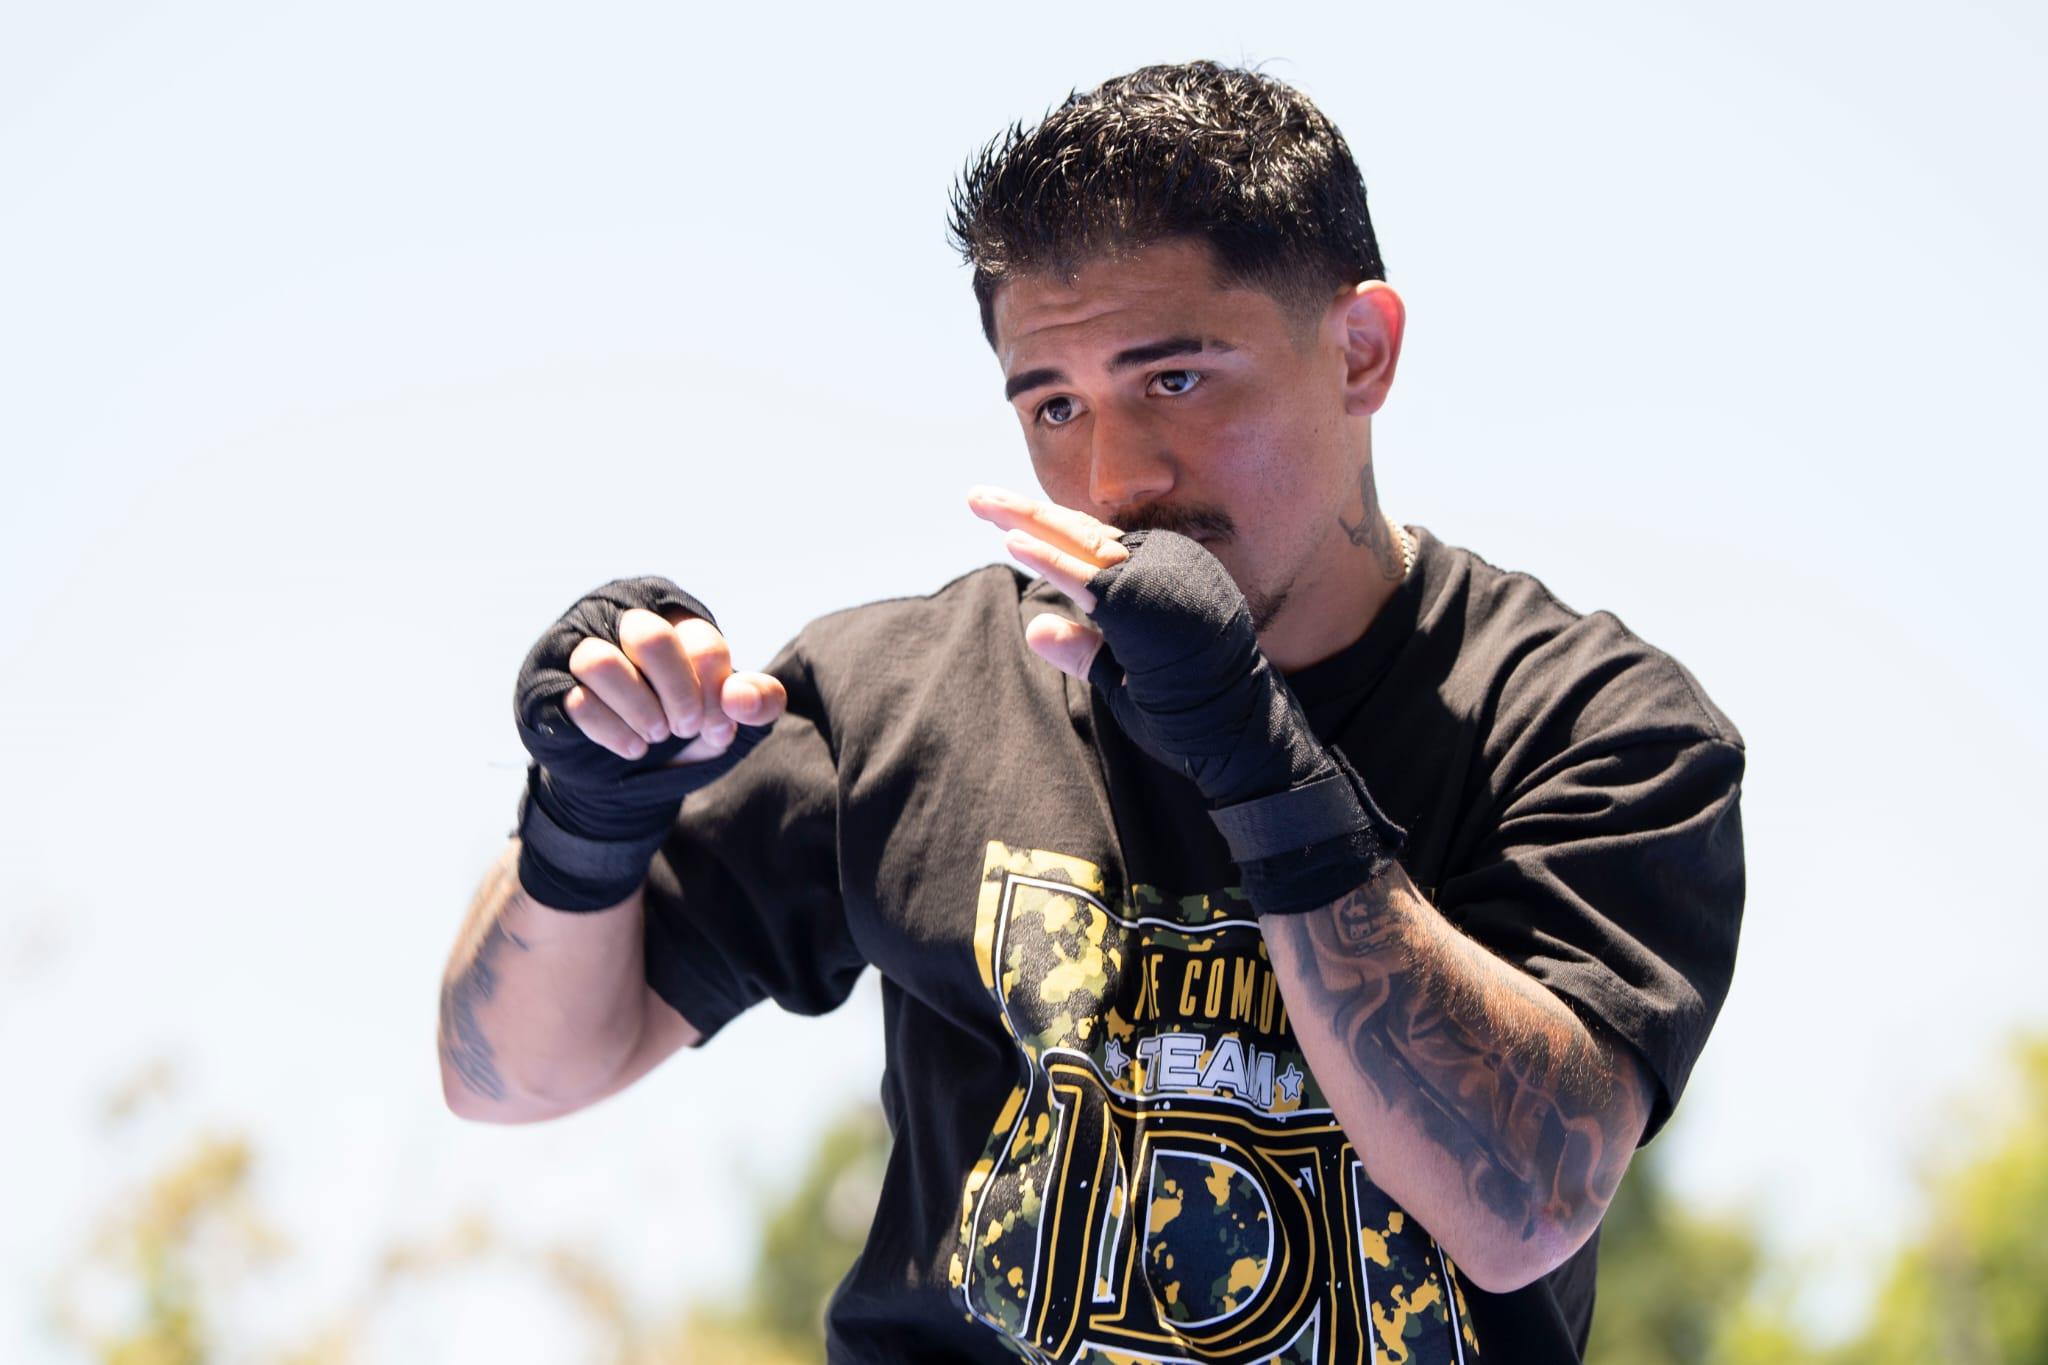 Joseph Díaz Jr vs. Javier Fortuna open workout picture gallery | Boxen247.com (Kristian von Sponneck)